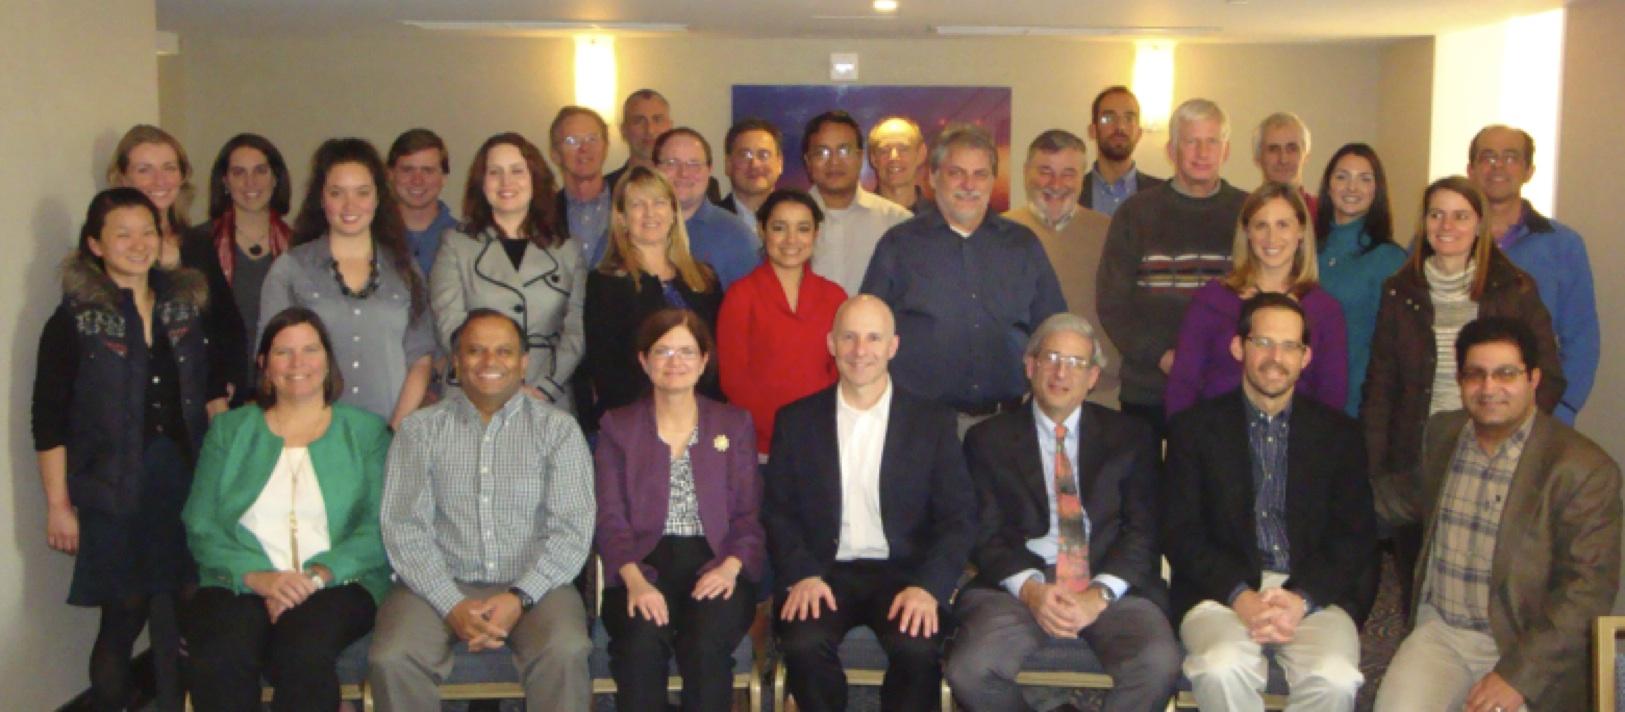 SERVIR AST Annual Meeting Group Photo